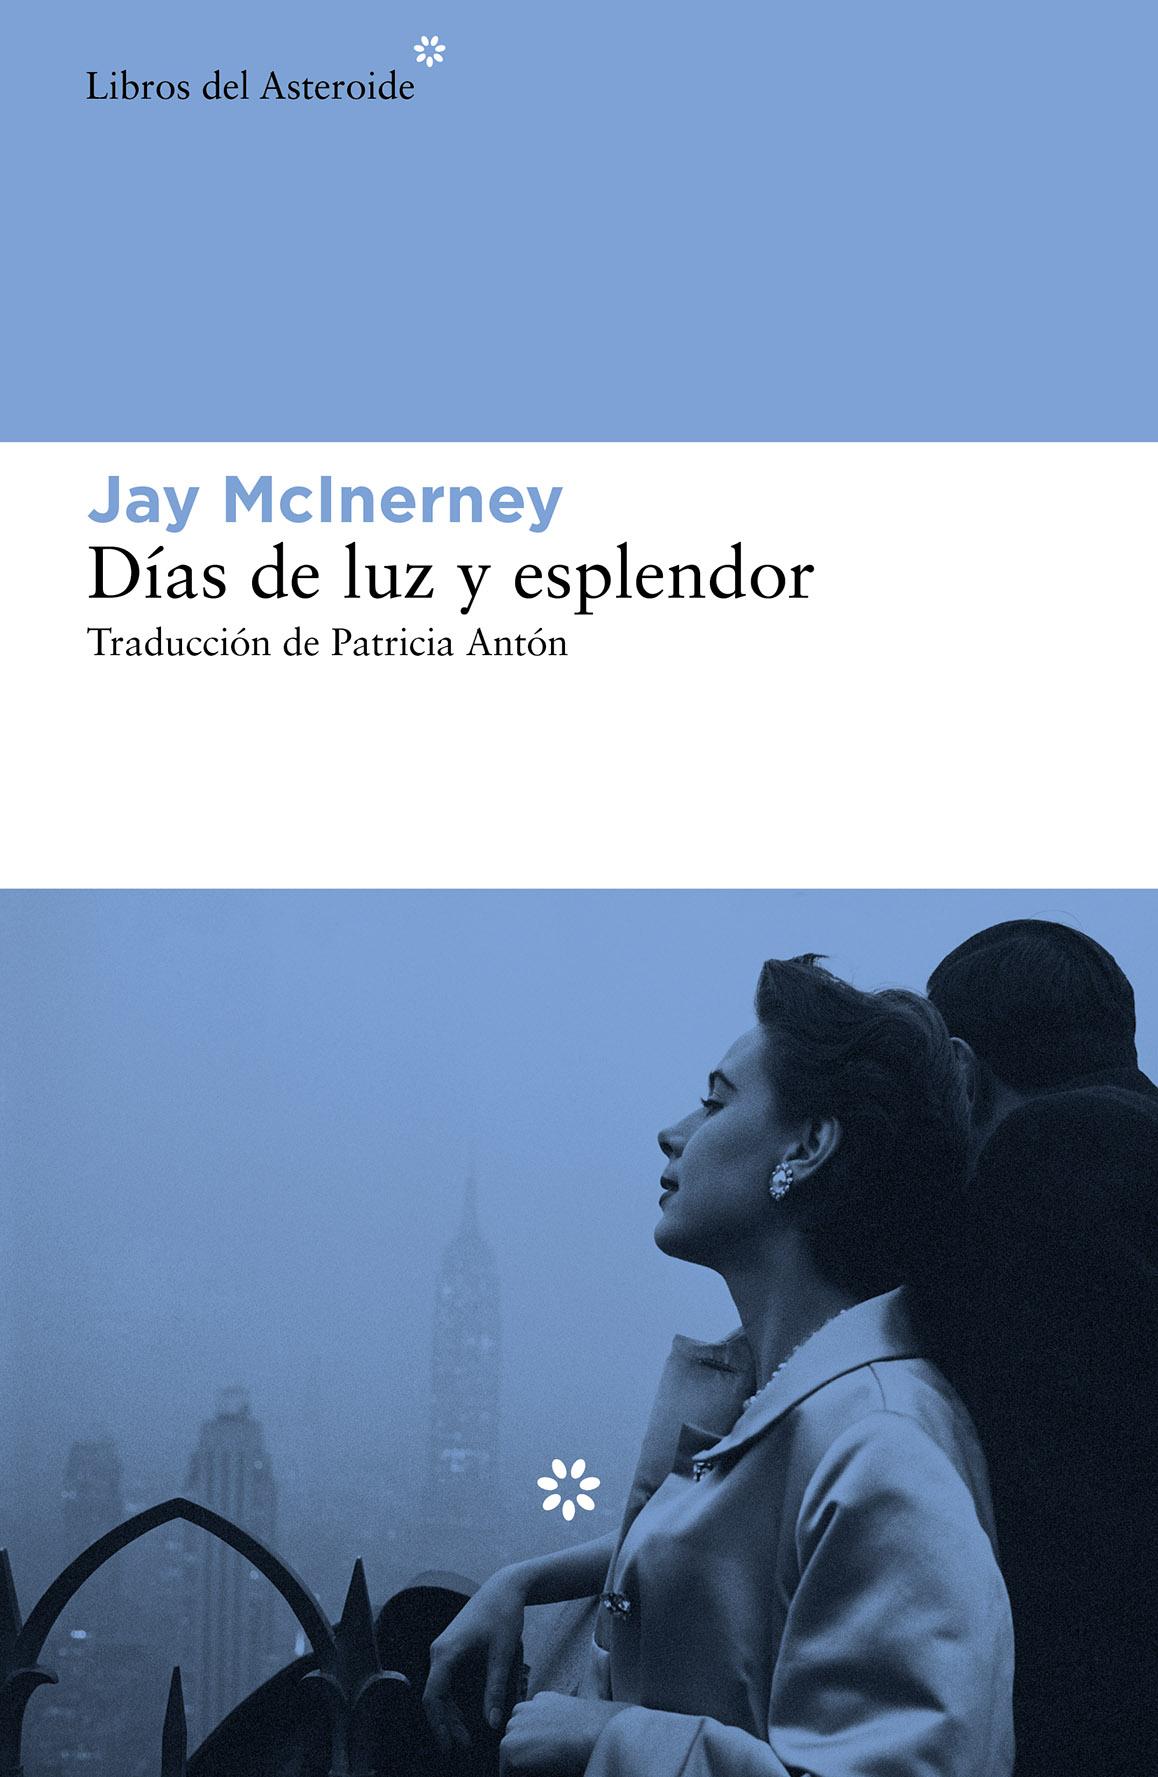 Días de luz y esplendor (Jay McInerney, 2016)